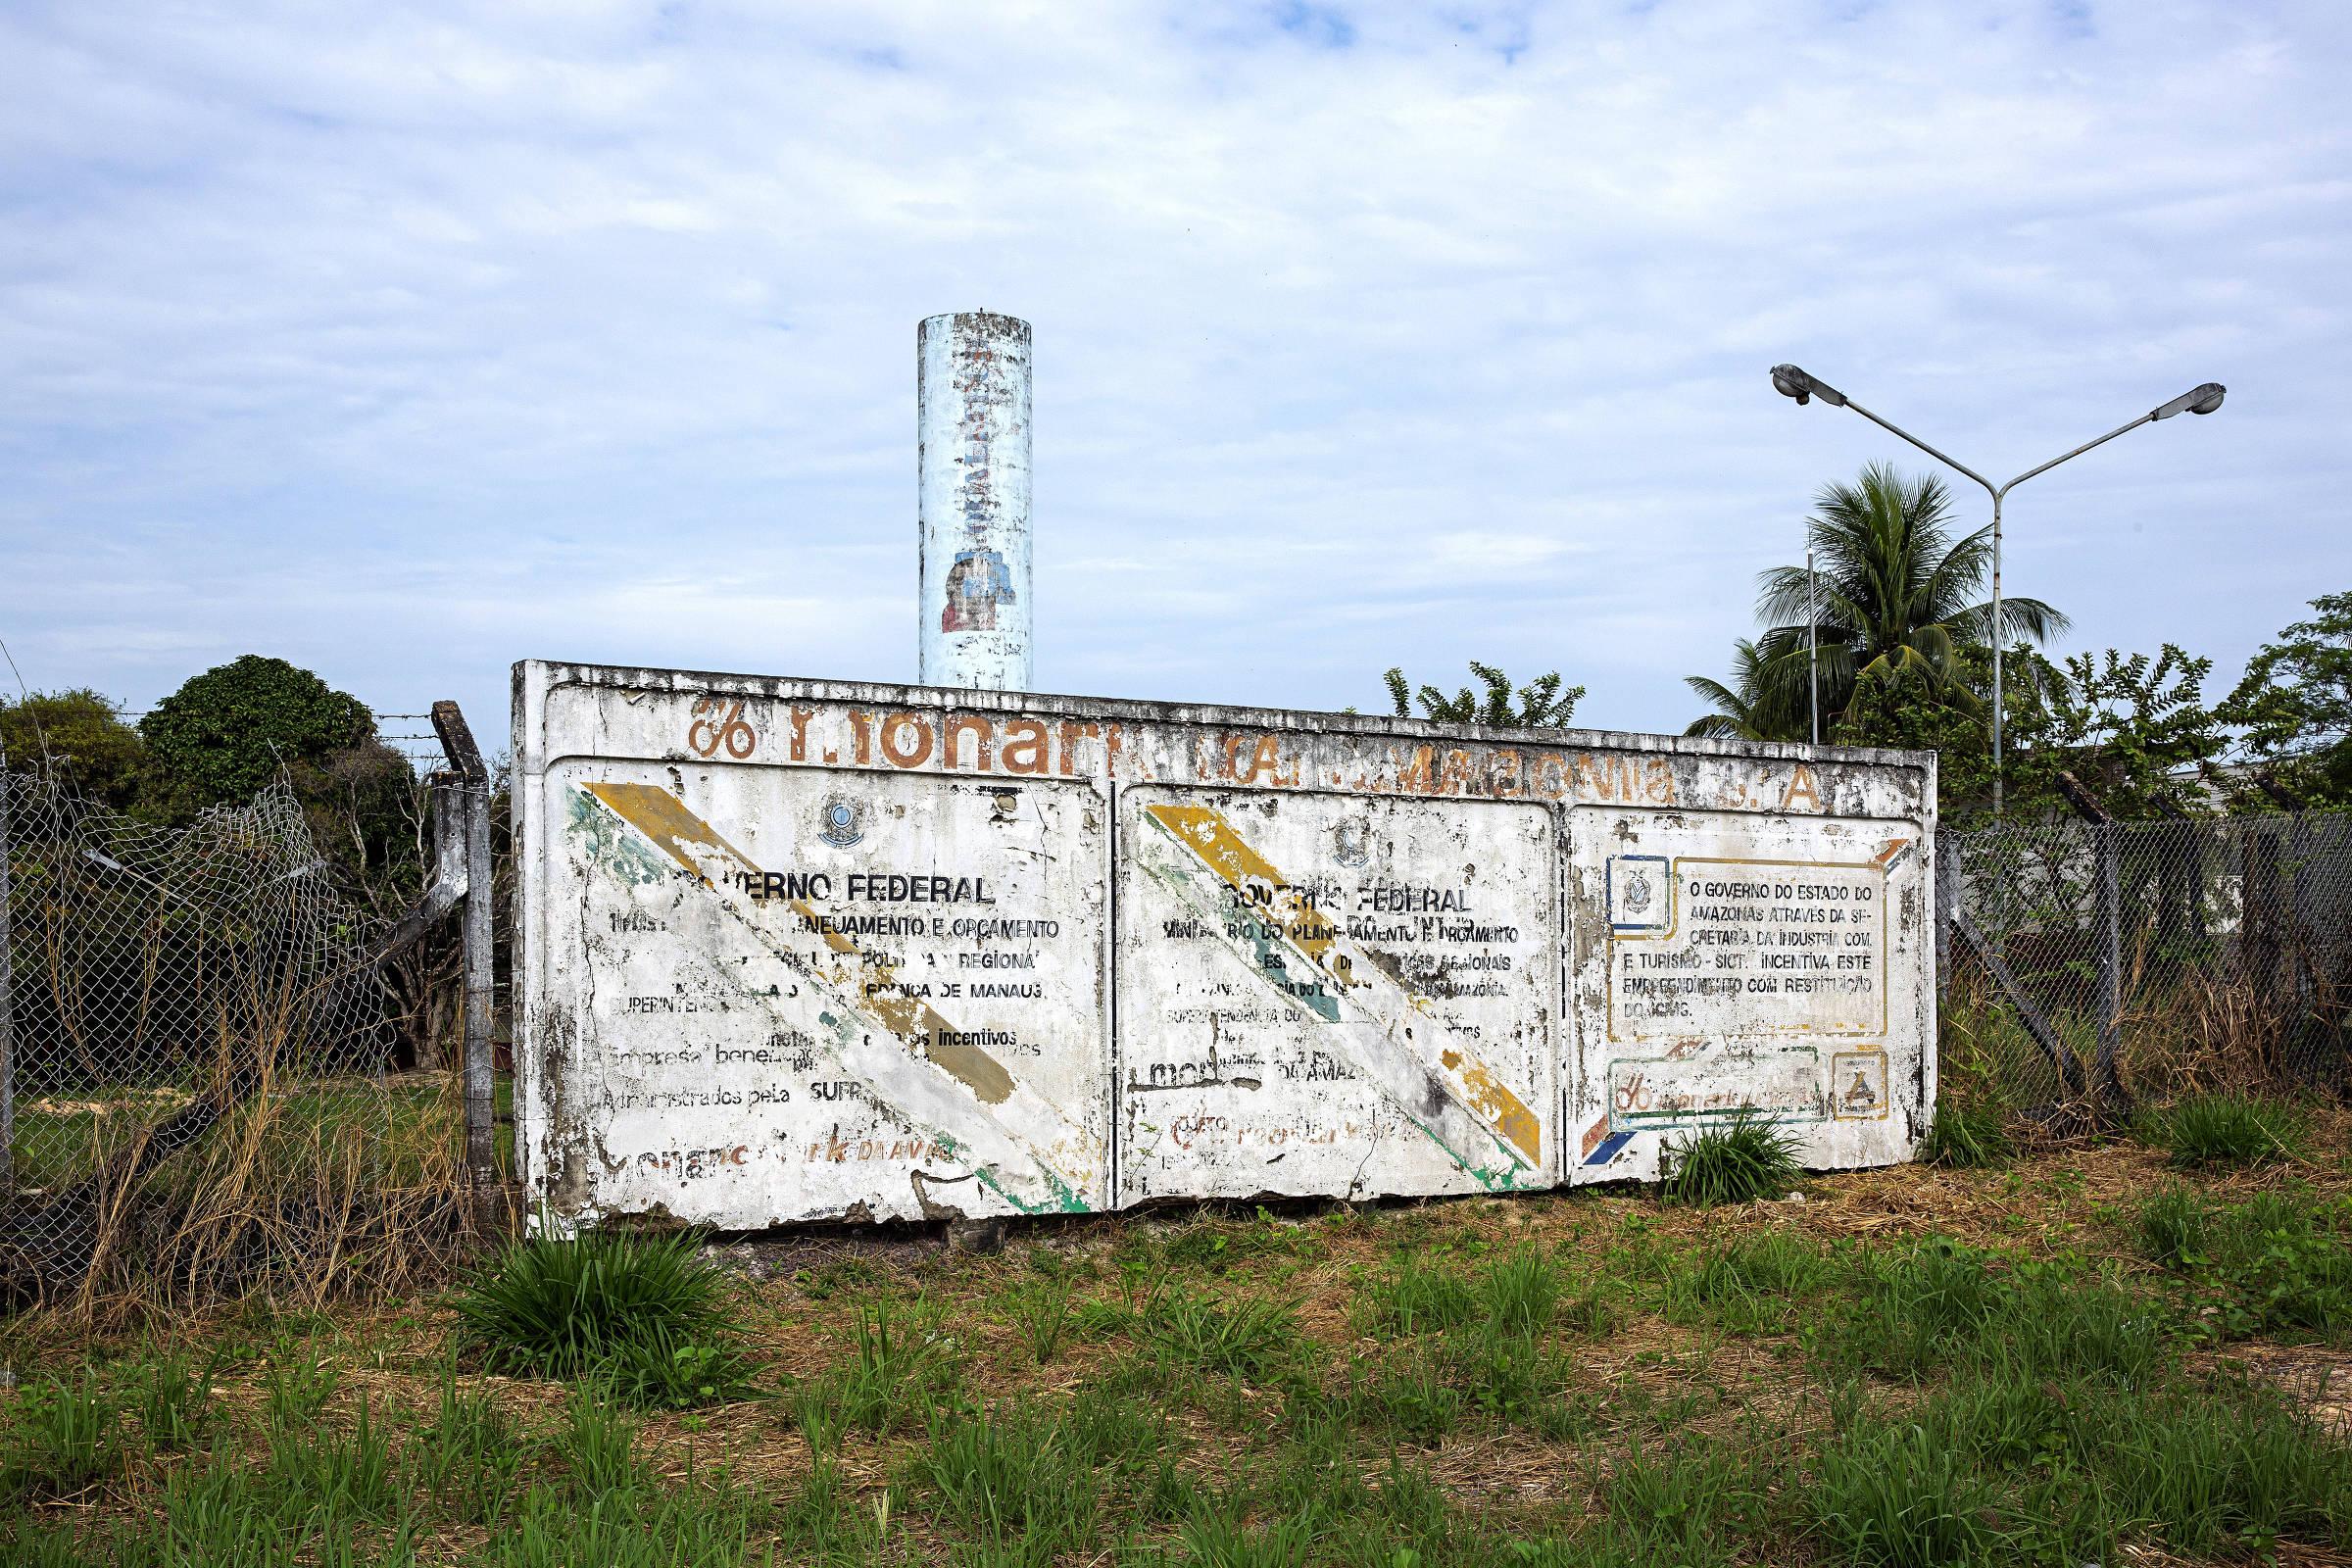 Área de antiga fábrica de bicicletas no distrito industrial da Zona Franca de Manaus